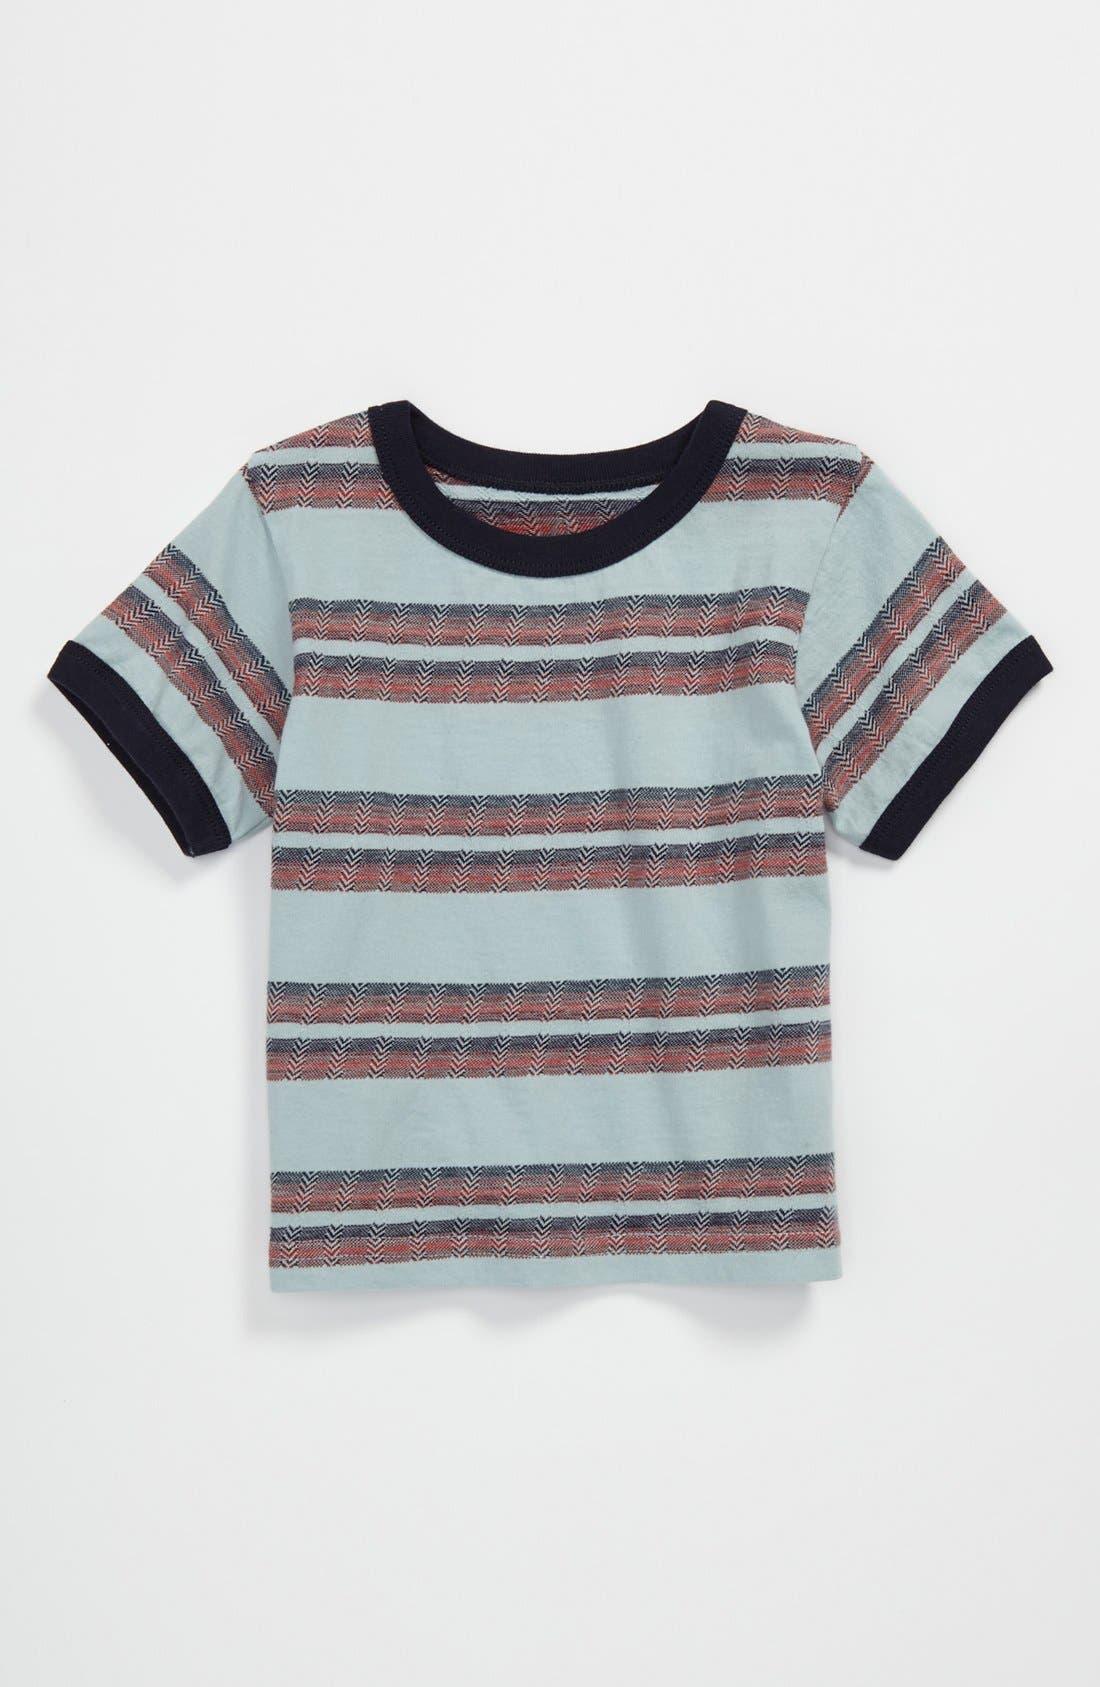 Main Image - Peek 'Mateo' T-Shirt (Baby)